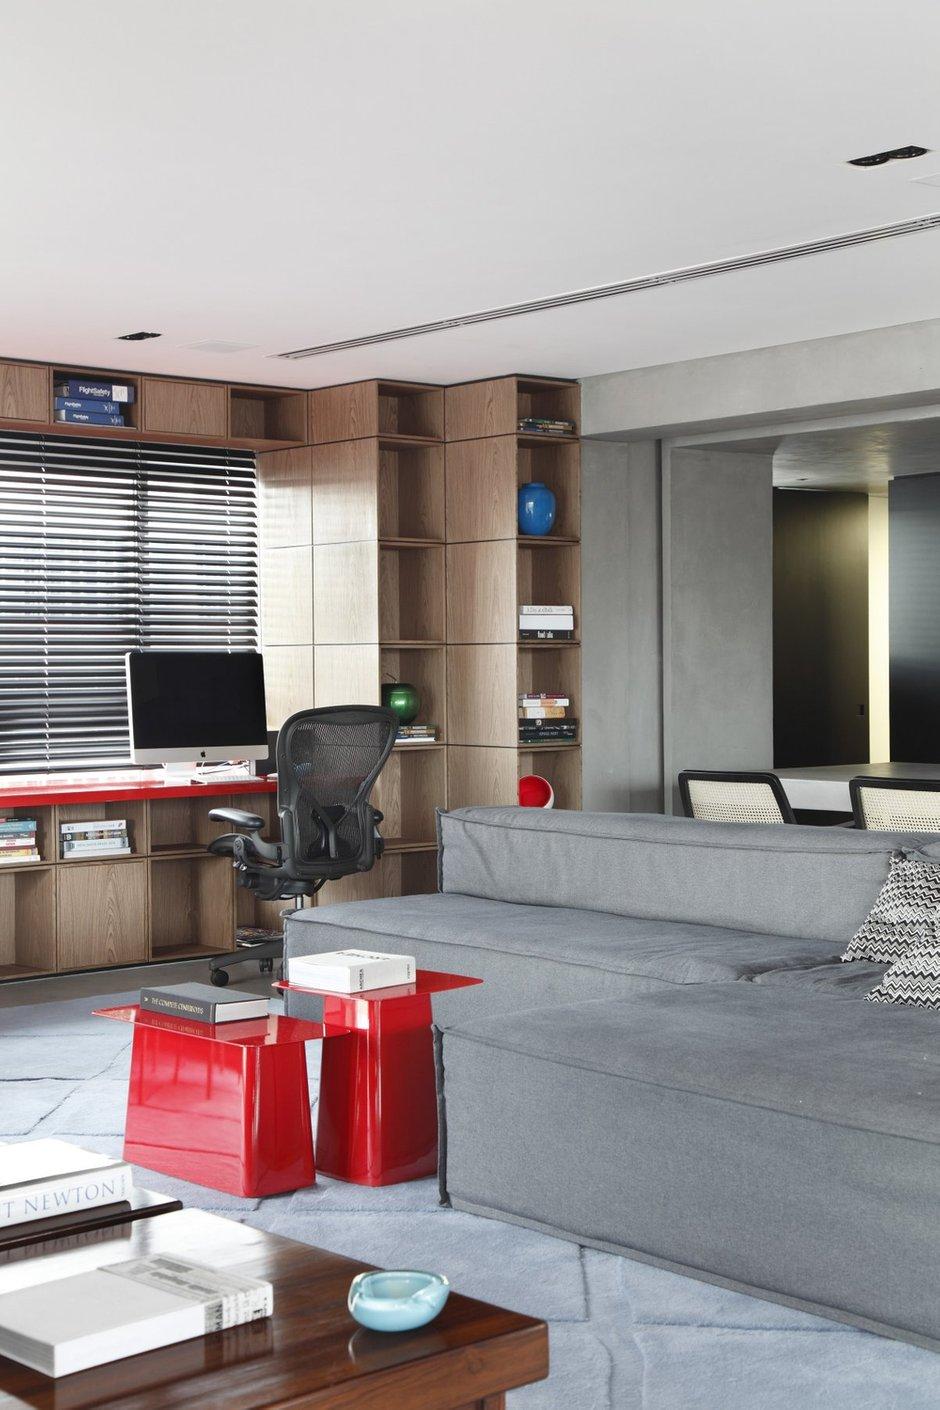 Фотография: Гостиная в стиле Современный, Дом, Цвет в интерьере, Дома и квартиры, Серый, Бразилия, Пол, Сан-Паулу – фото на INMYROOM